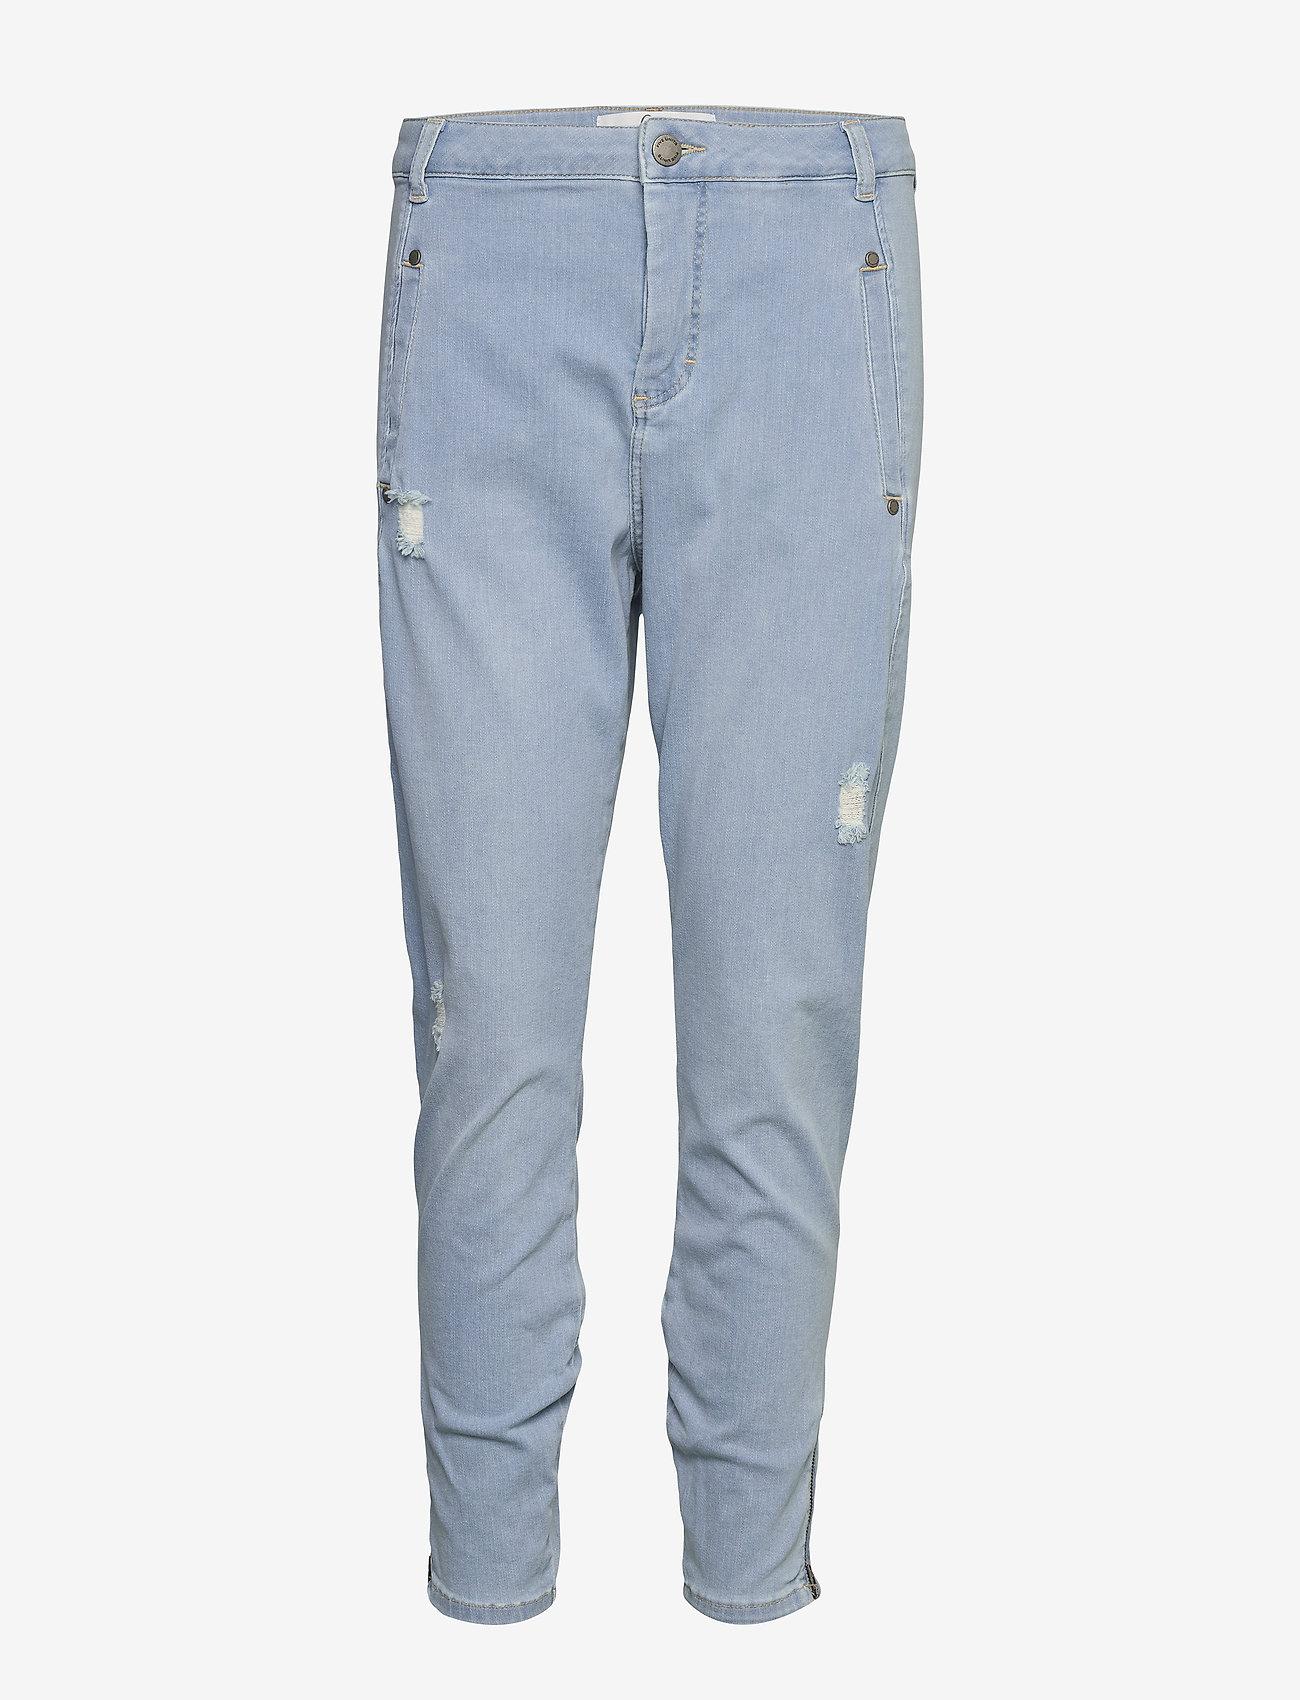 FIVEUNITS - Jolie 455 Zip - dżinsy chłopaka - steel blue raini - 0